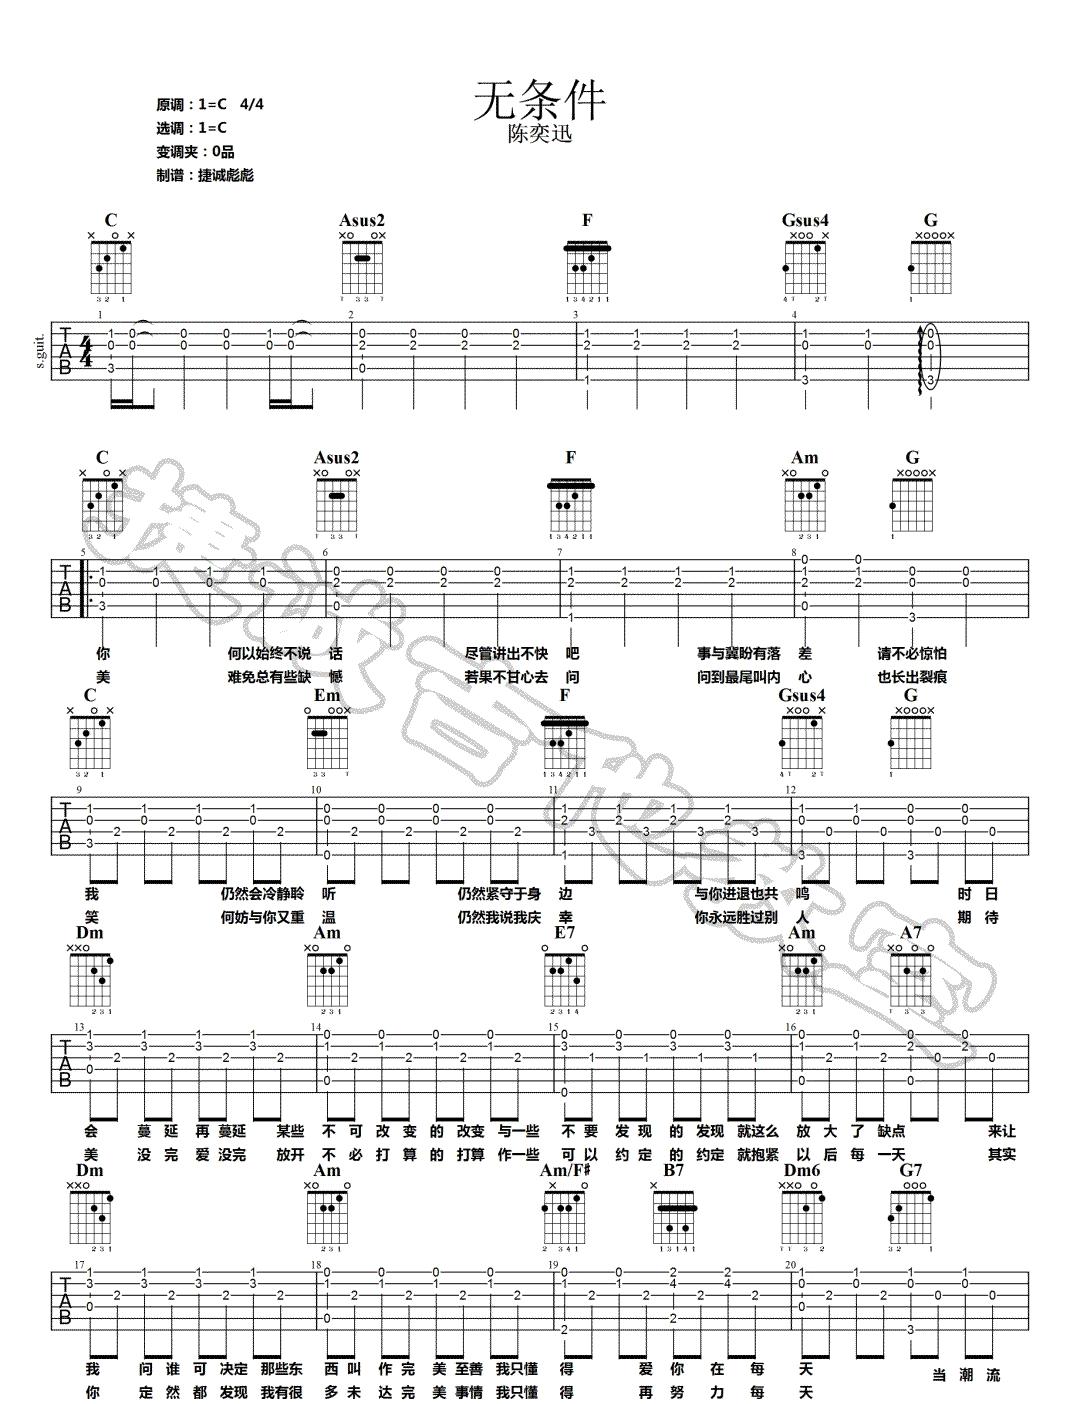 《无条件》吉他谱_陈奕迅_C调原版六线谱_吉他弹唱高清图片谱1